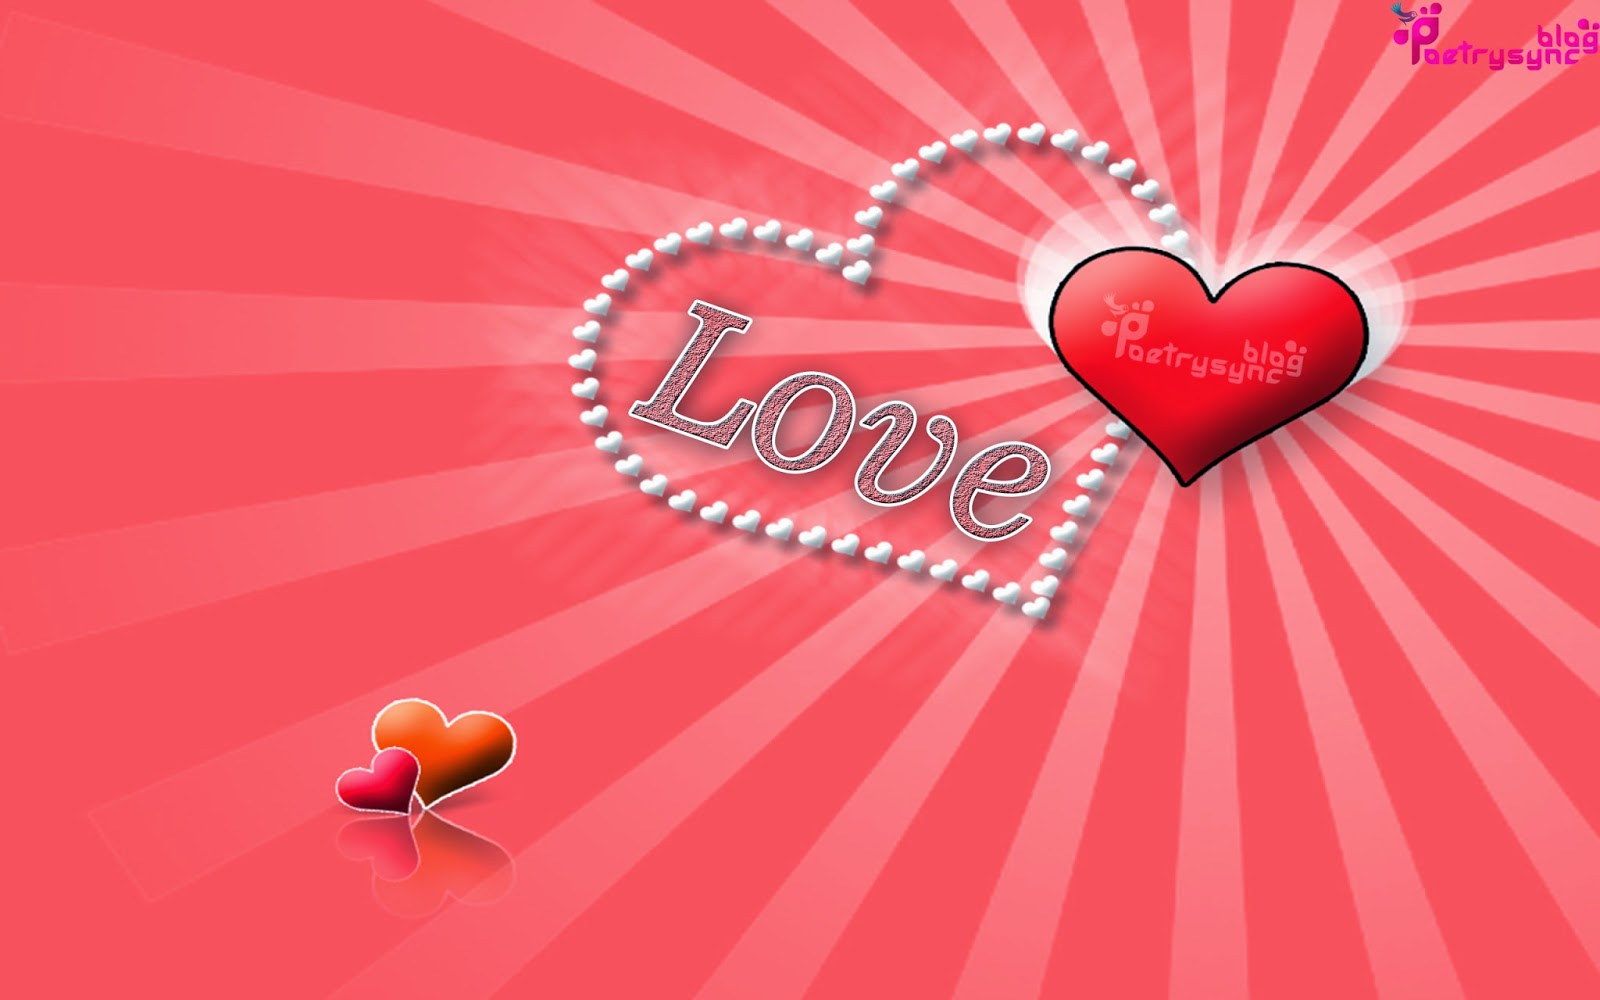 Love Heart Image Wallpaper HD